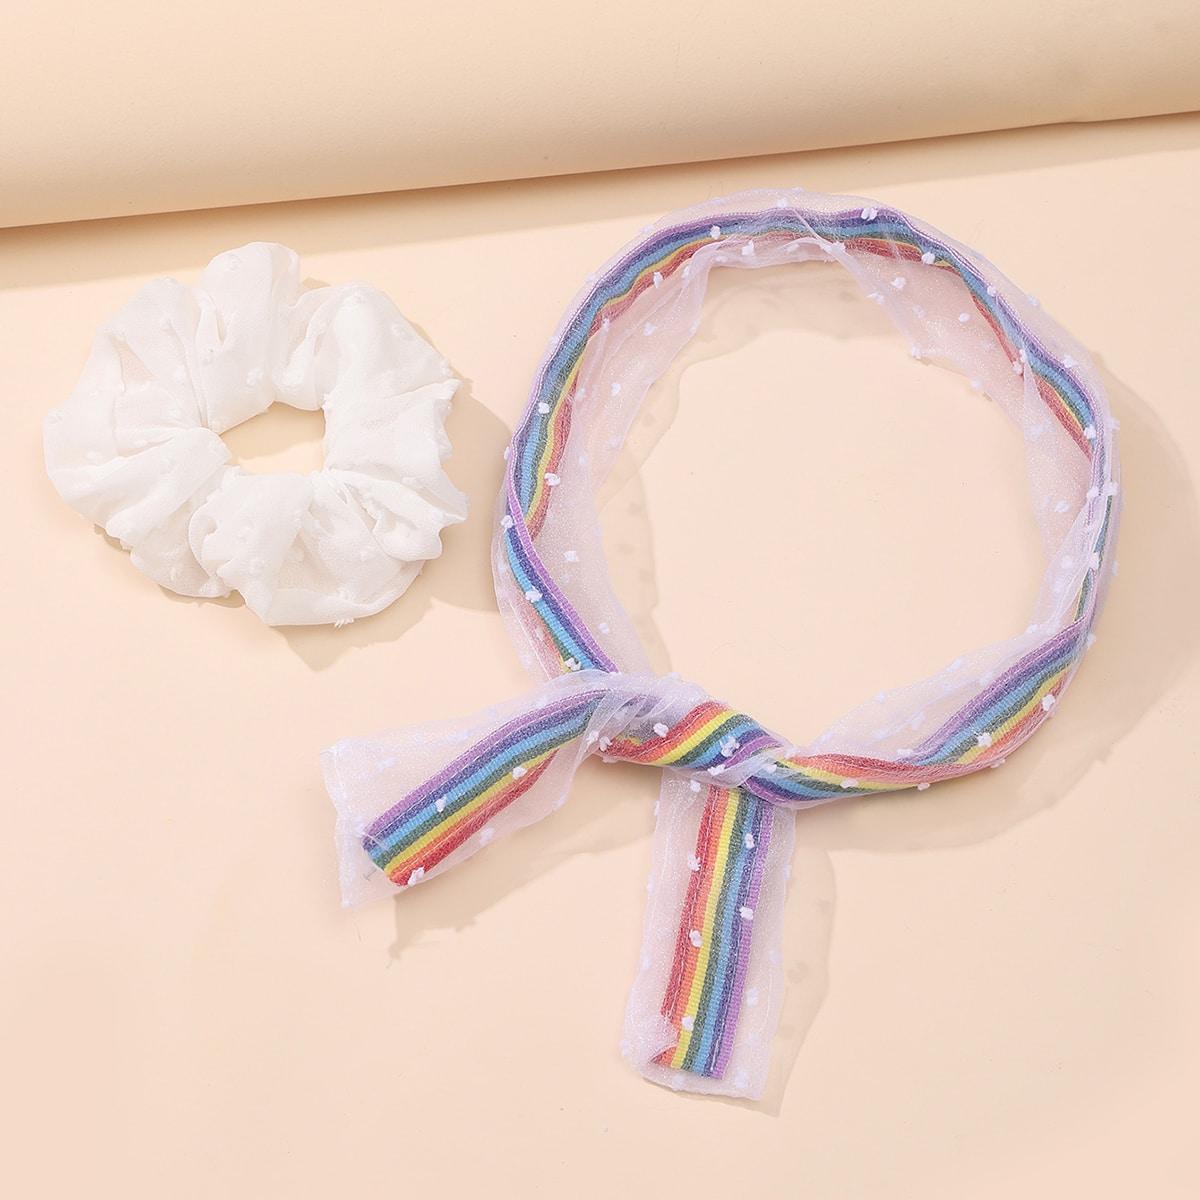 Радужная полосатая повязка и резинка для волос 2шт фото